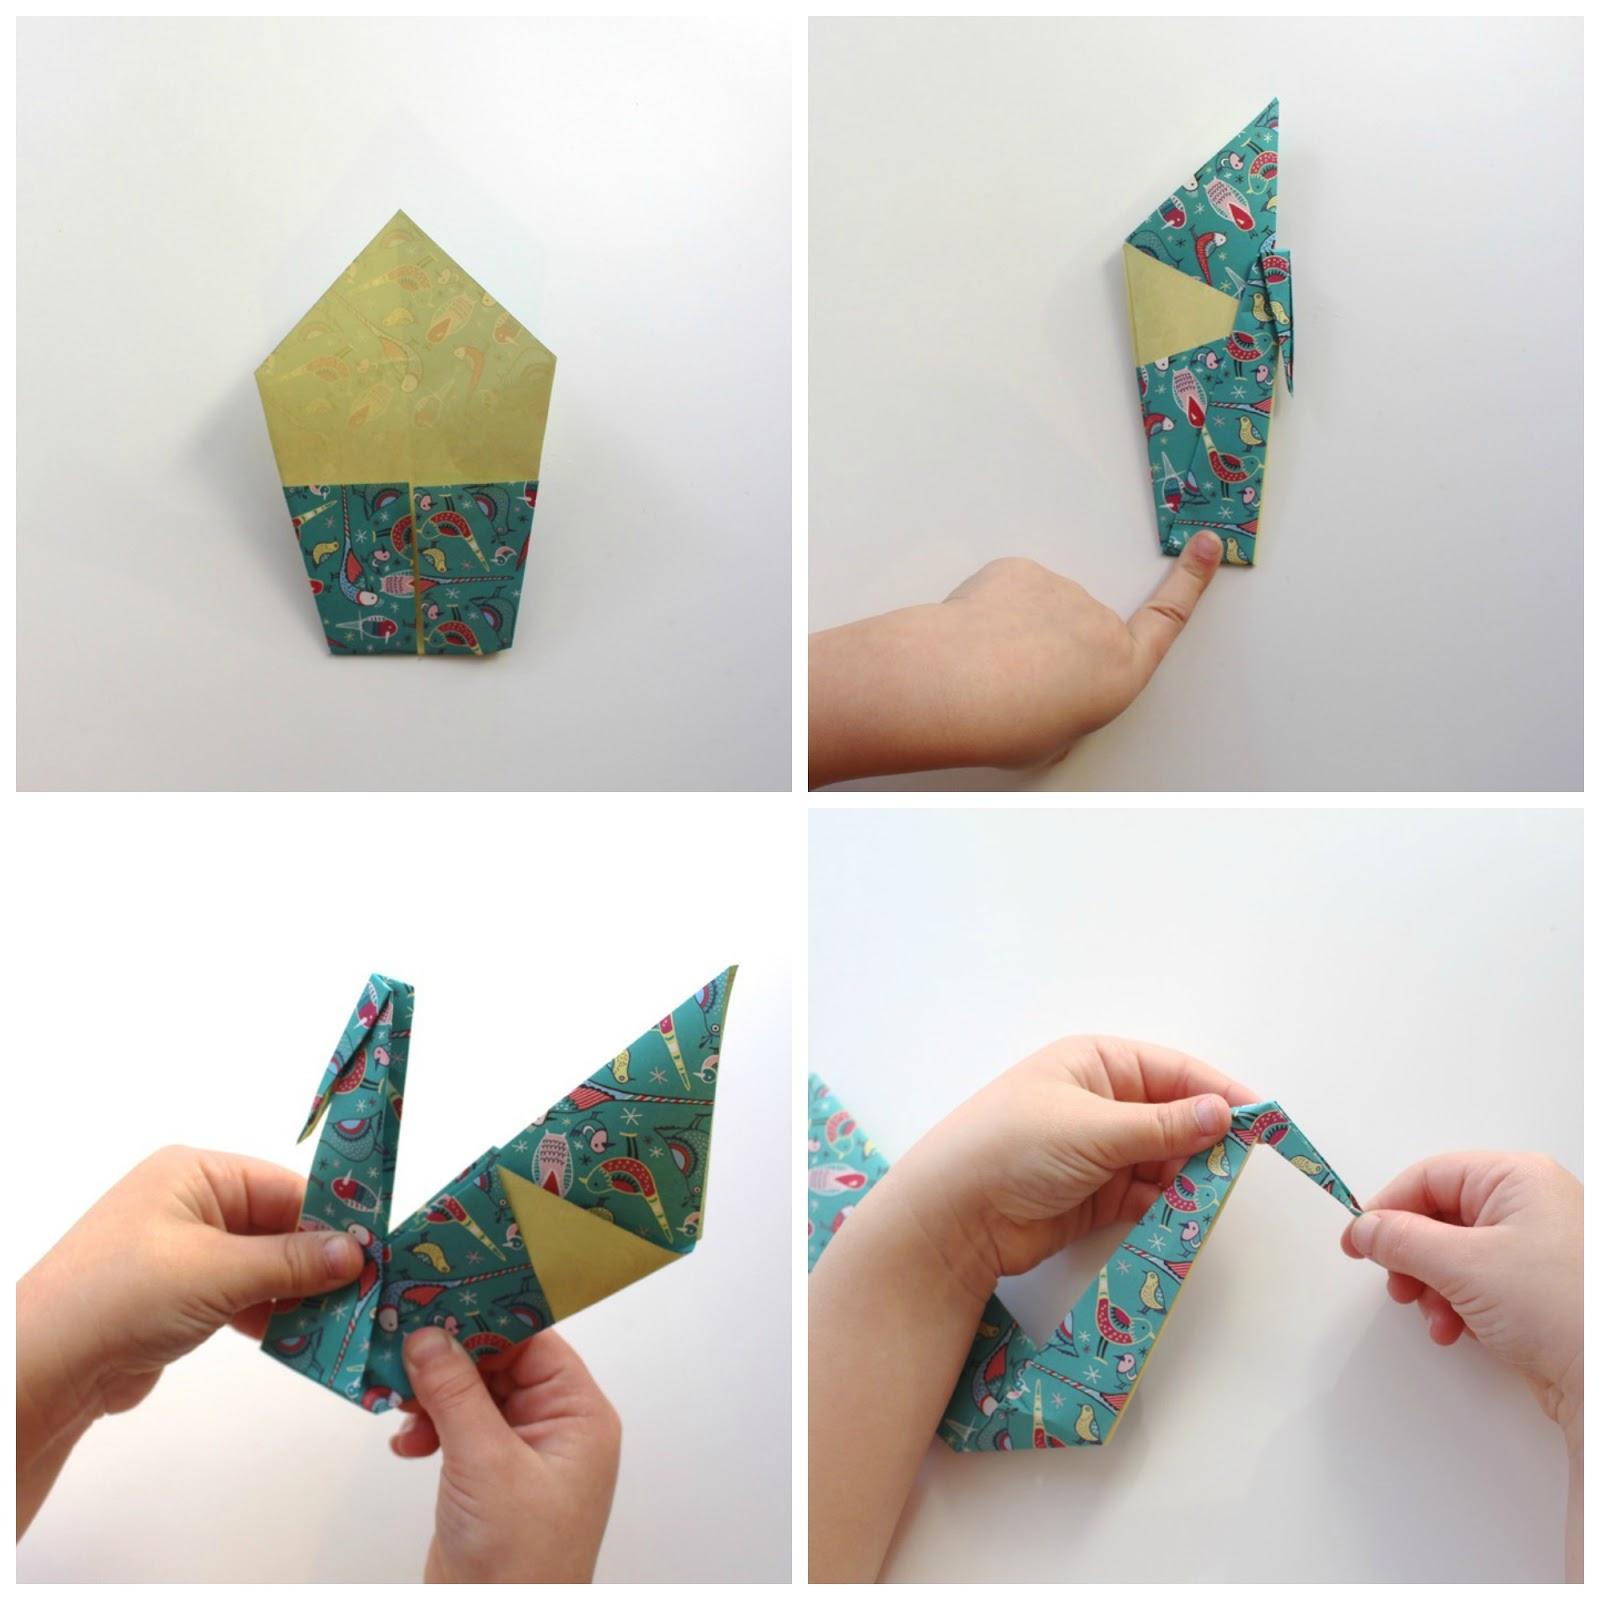 Paso a paso como hacer un cisne en origami soy un mix - Como hacer un estor enrollable paso a paso ...